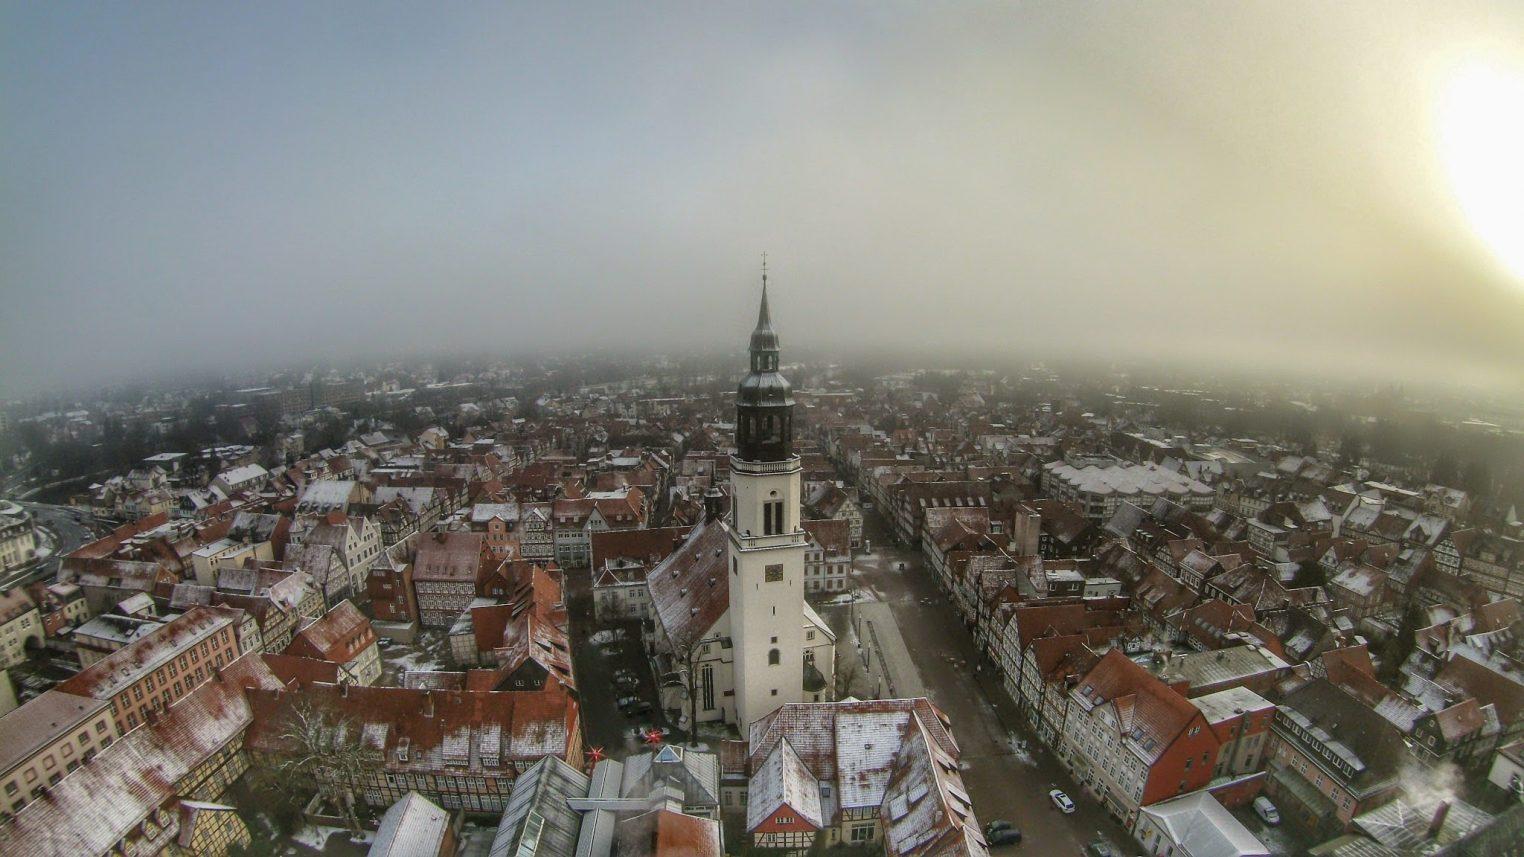 Stadtkirche St. Marien im Schnee